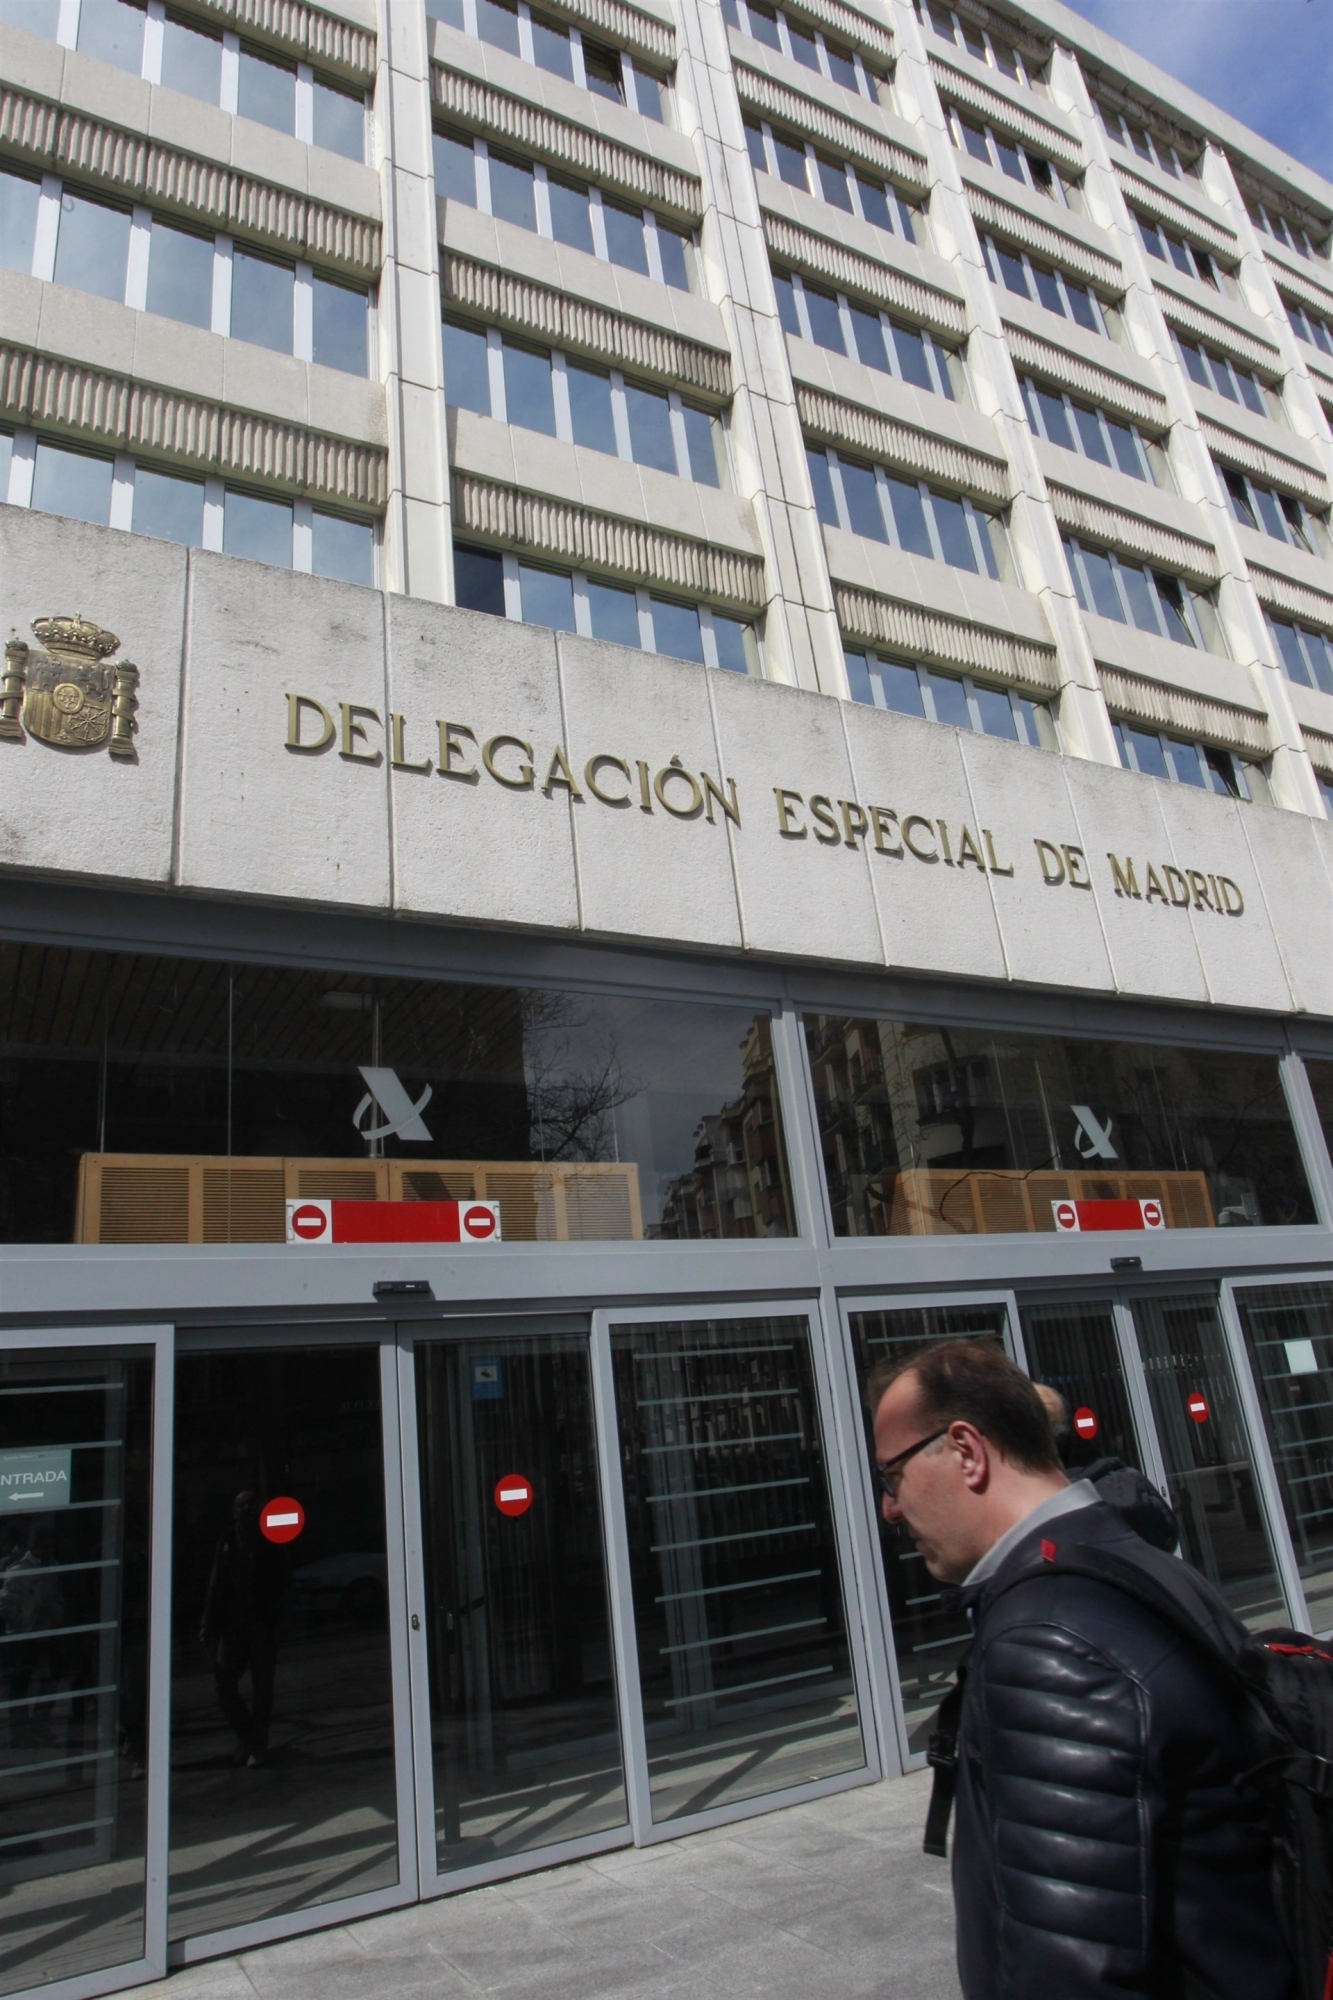 Irpf la campa a de la renta arranca el 5 de abril con la for Oficina tributaria madrid